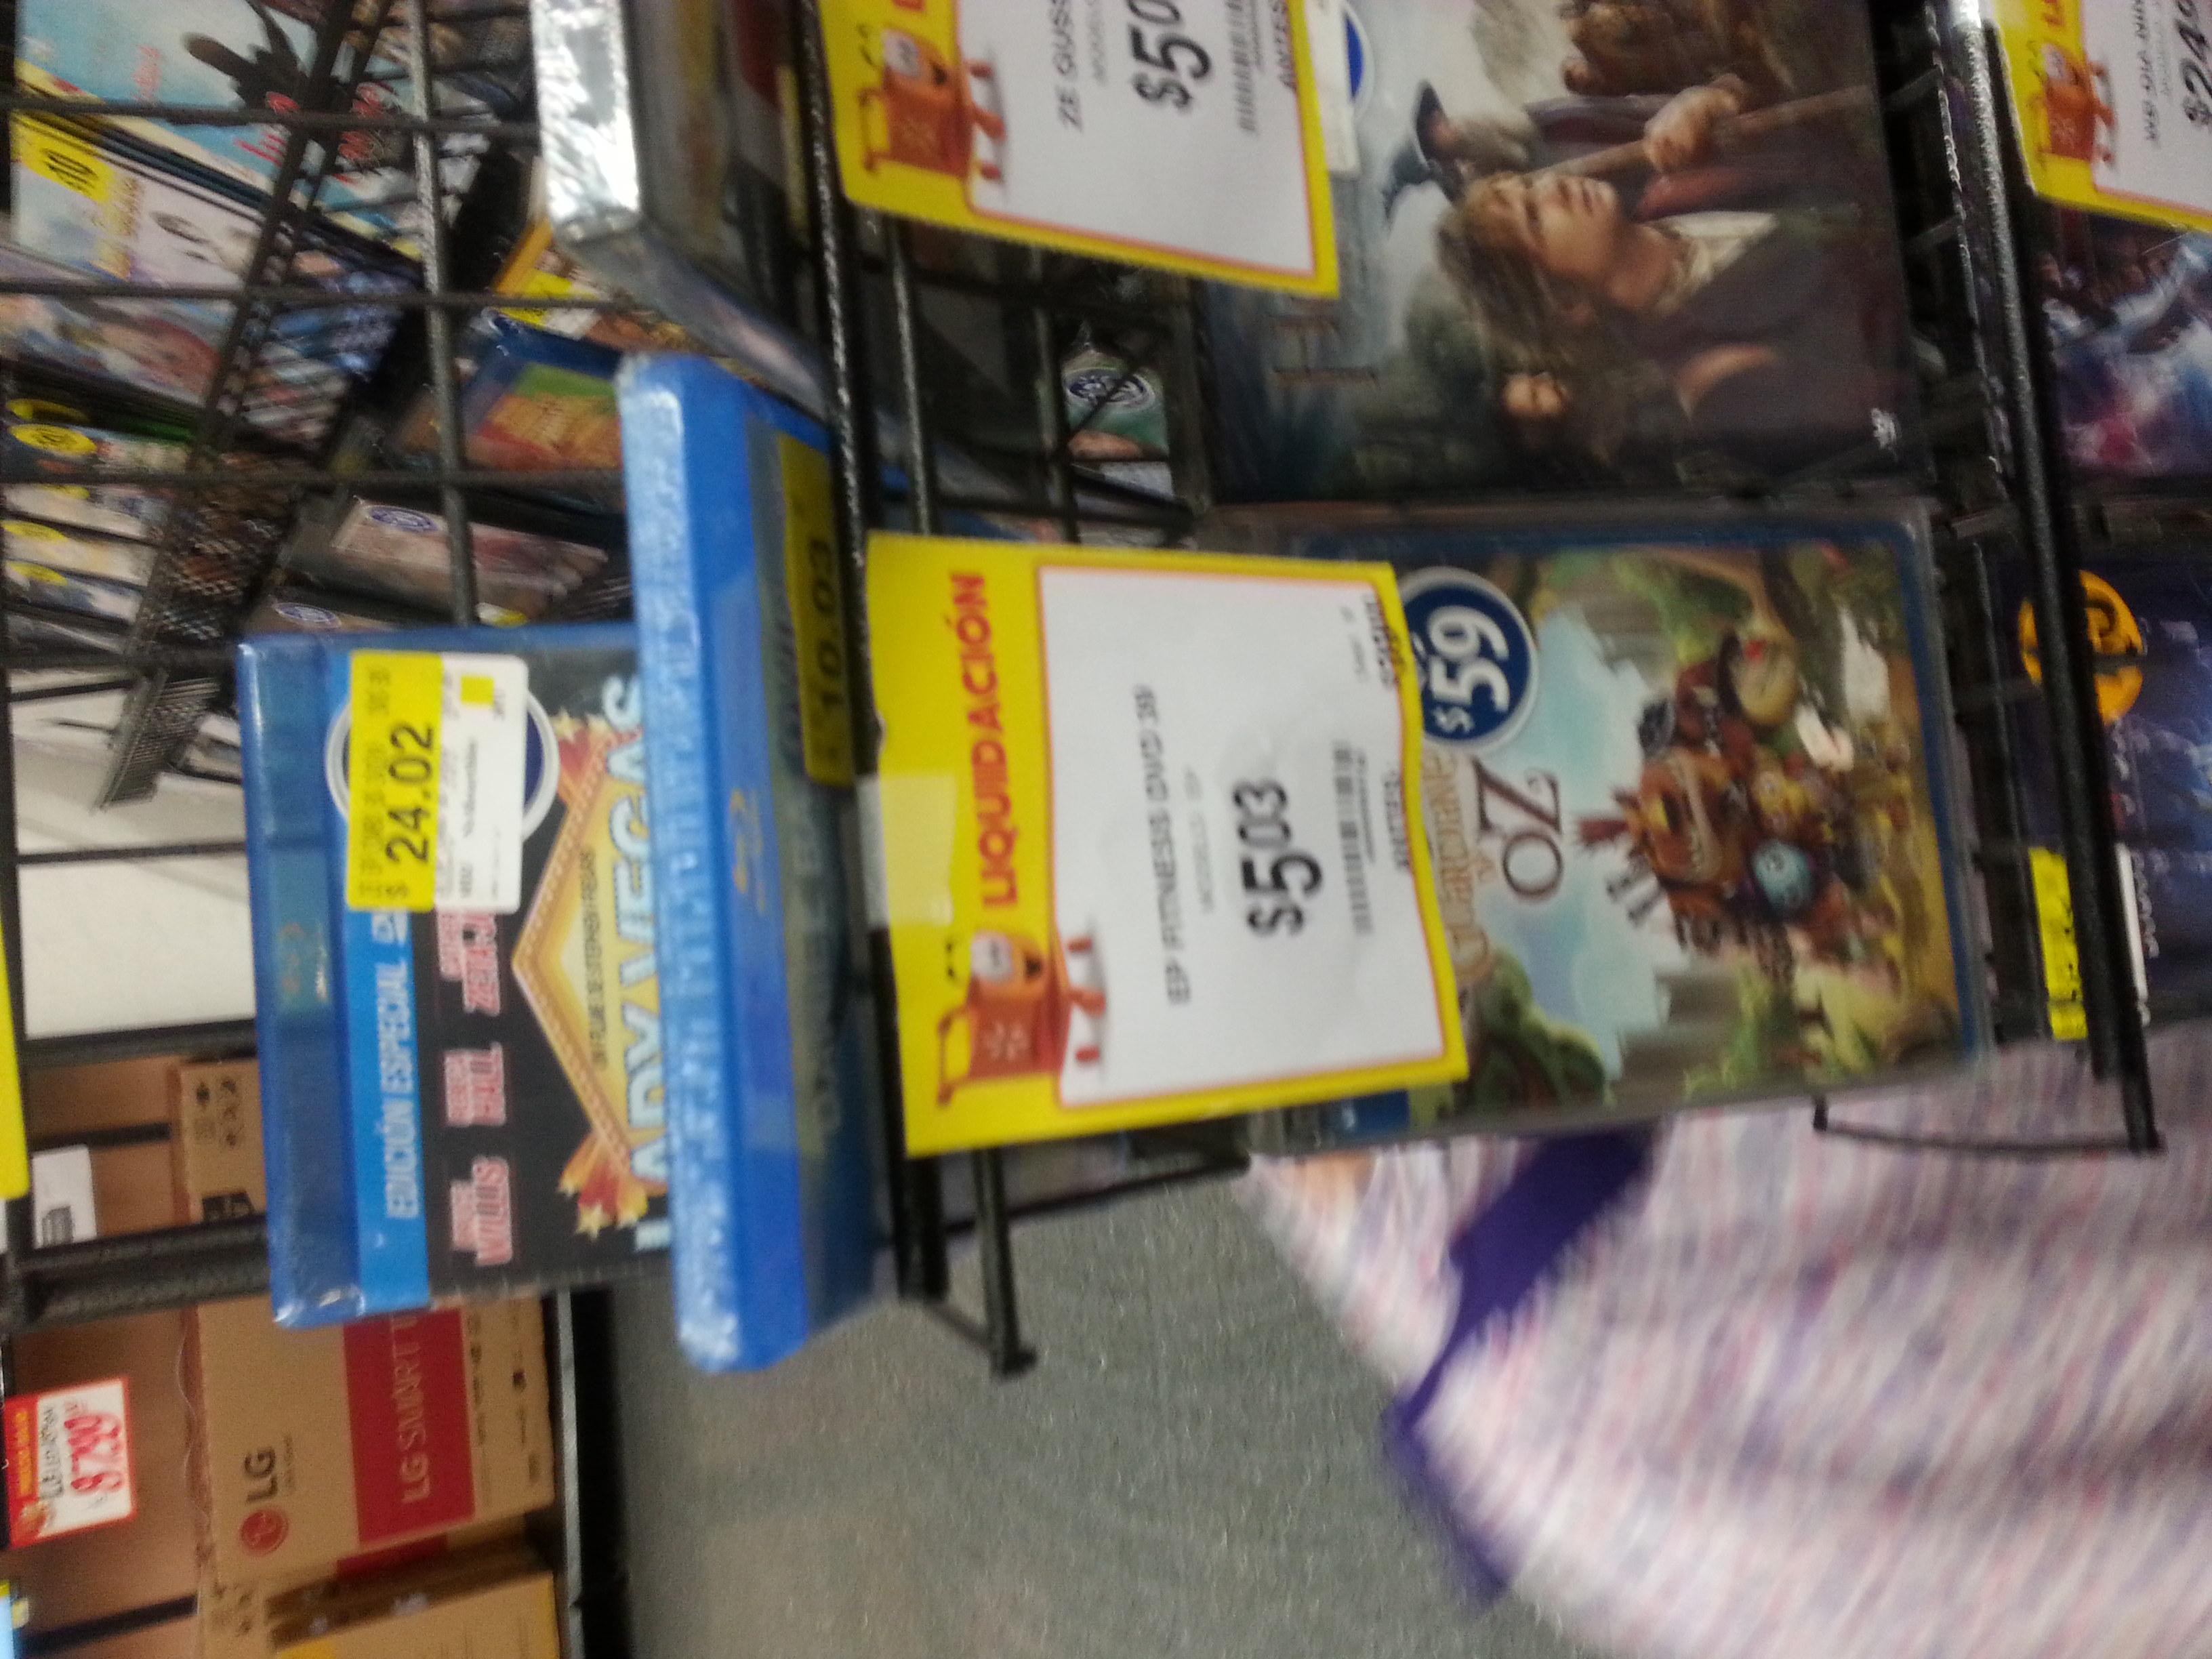 Walmart México 68 Culiacán: Peliculas DVD a $5.03